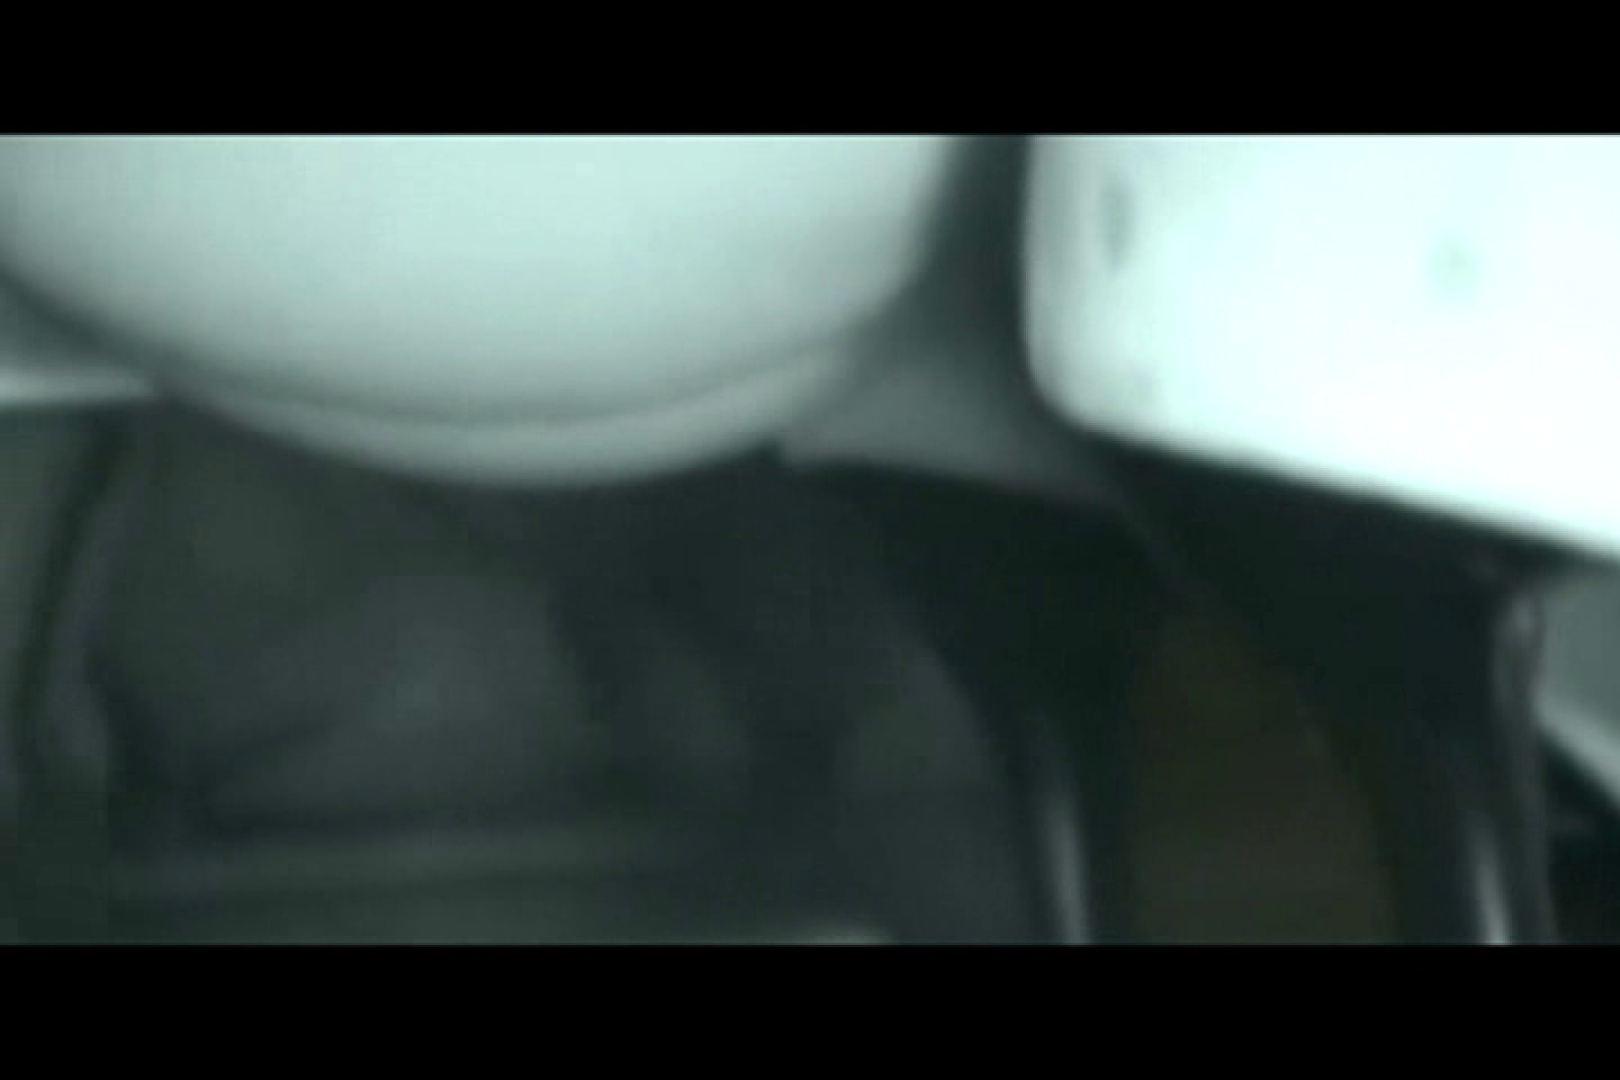 ぼっとん洗面所スペシャルVol.17 洗面所 覗きワレメ動画紹介 74PICs 14